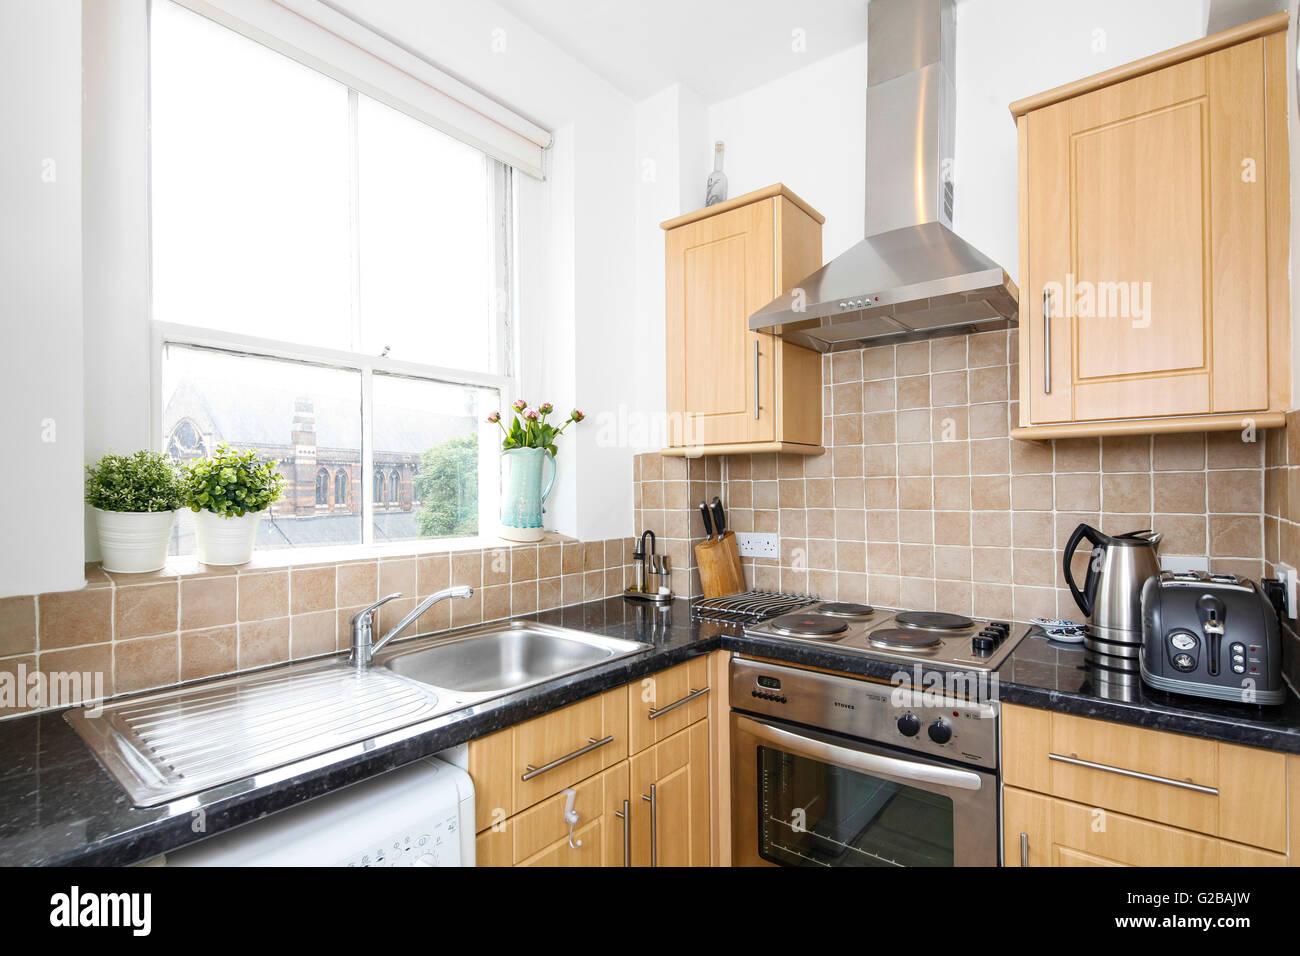 Park House, Harrington Road. Cocina moderna con gabinetes de madera ...